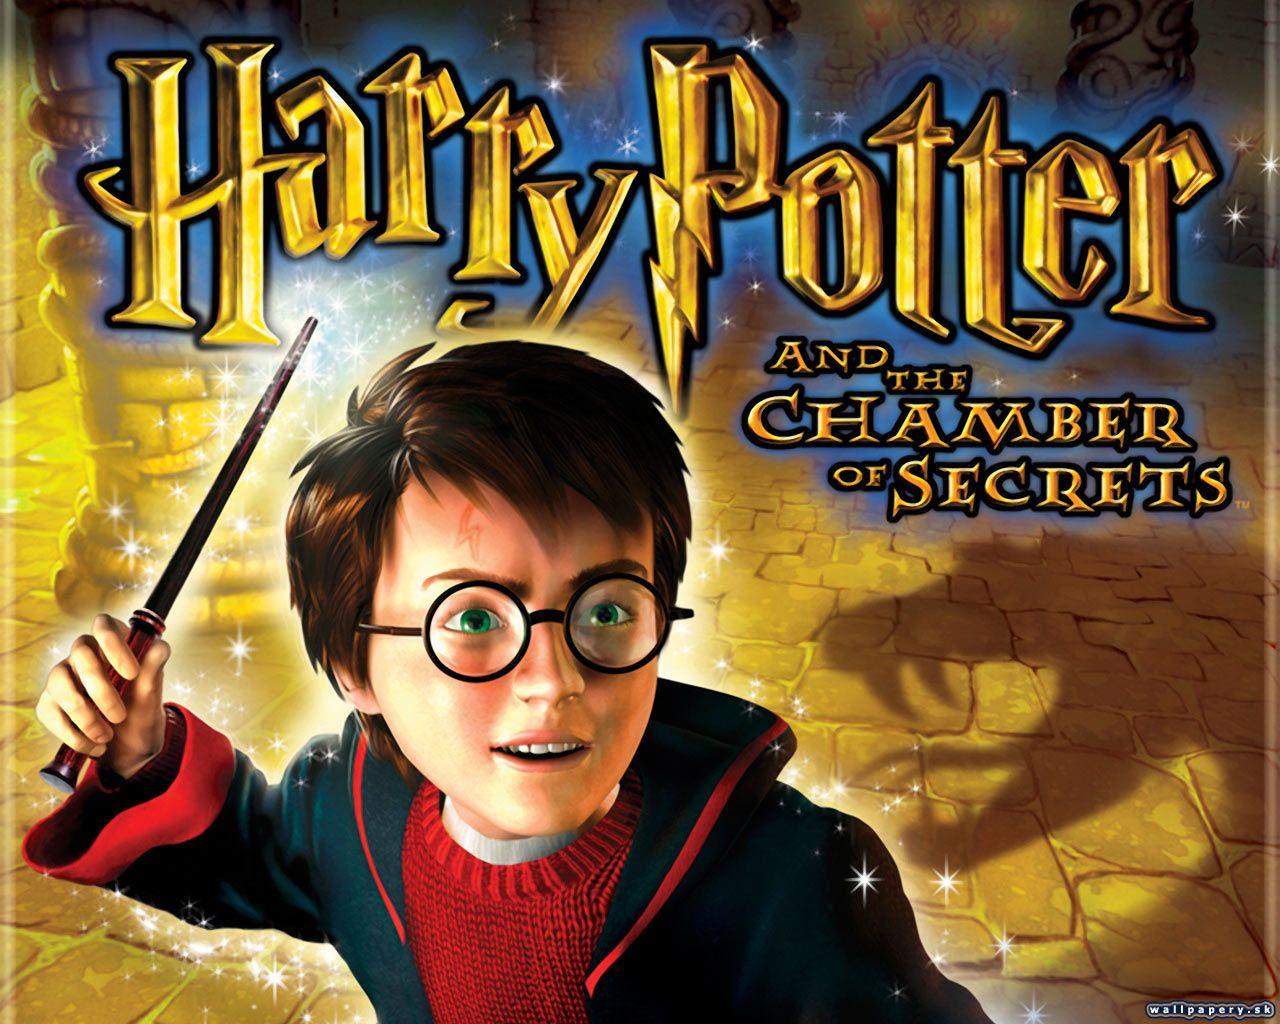 Harry Potter Art 2002 | Harry Potter Et La Chambre Des Secrets Harry Potter  2 Idees Etonnantes